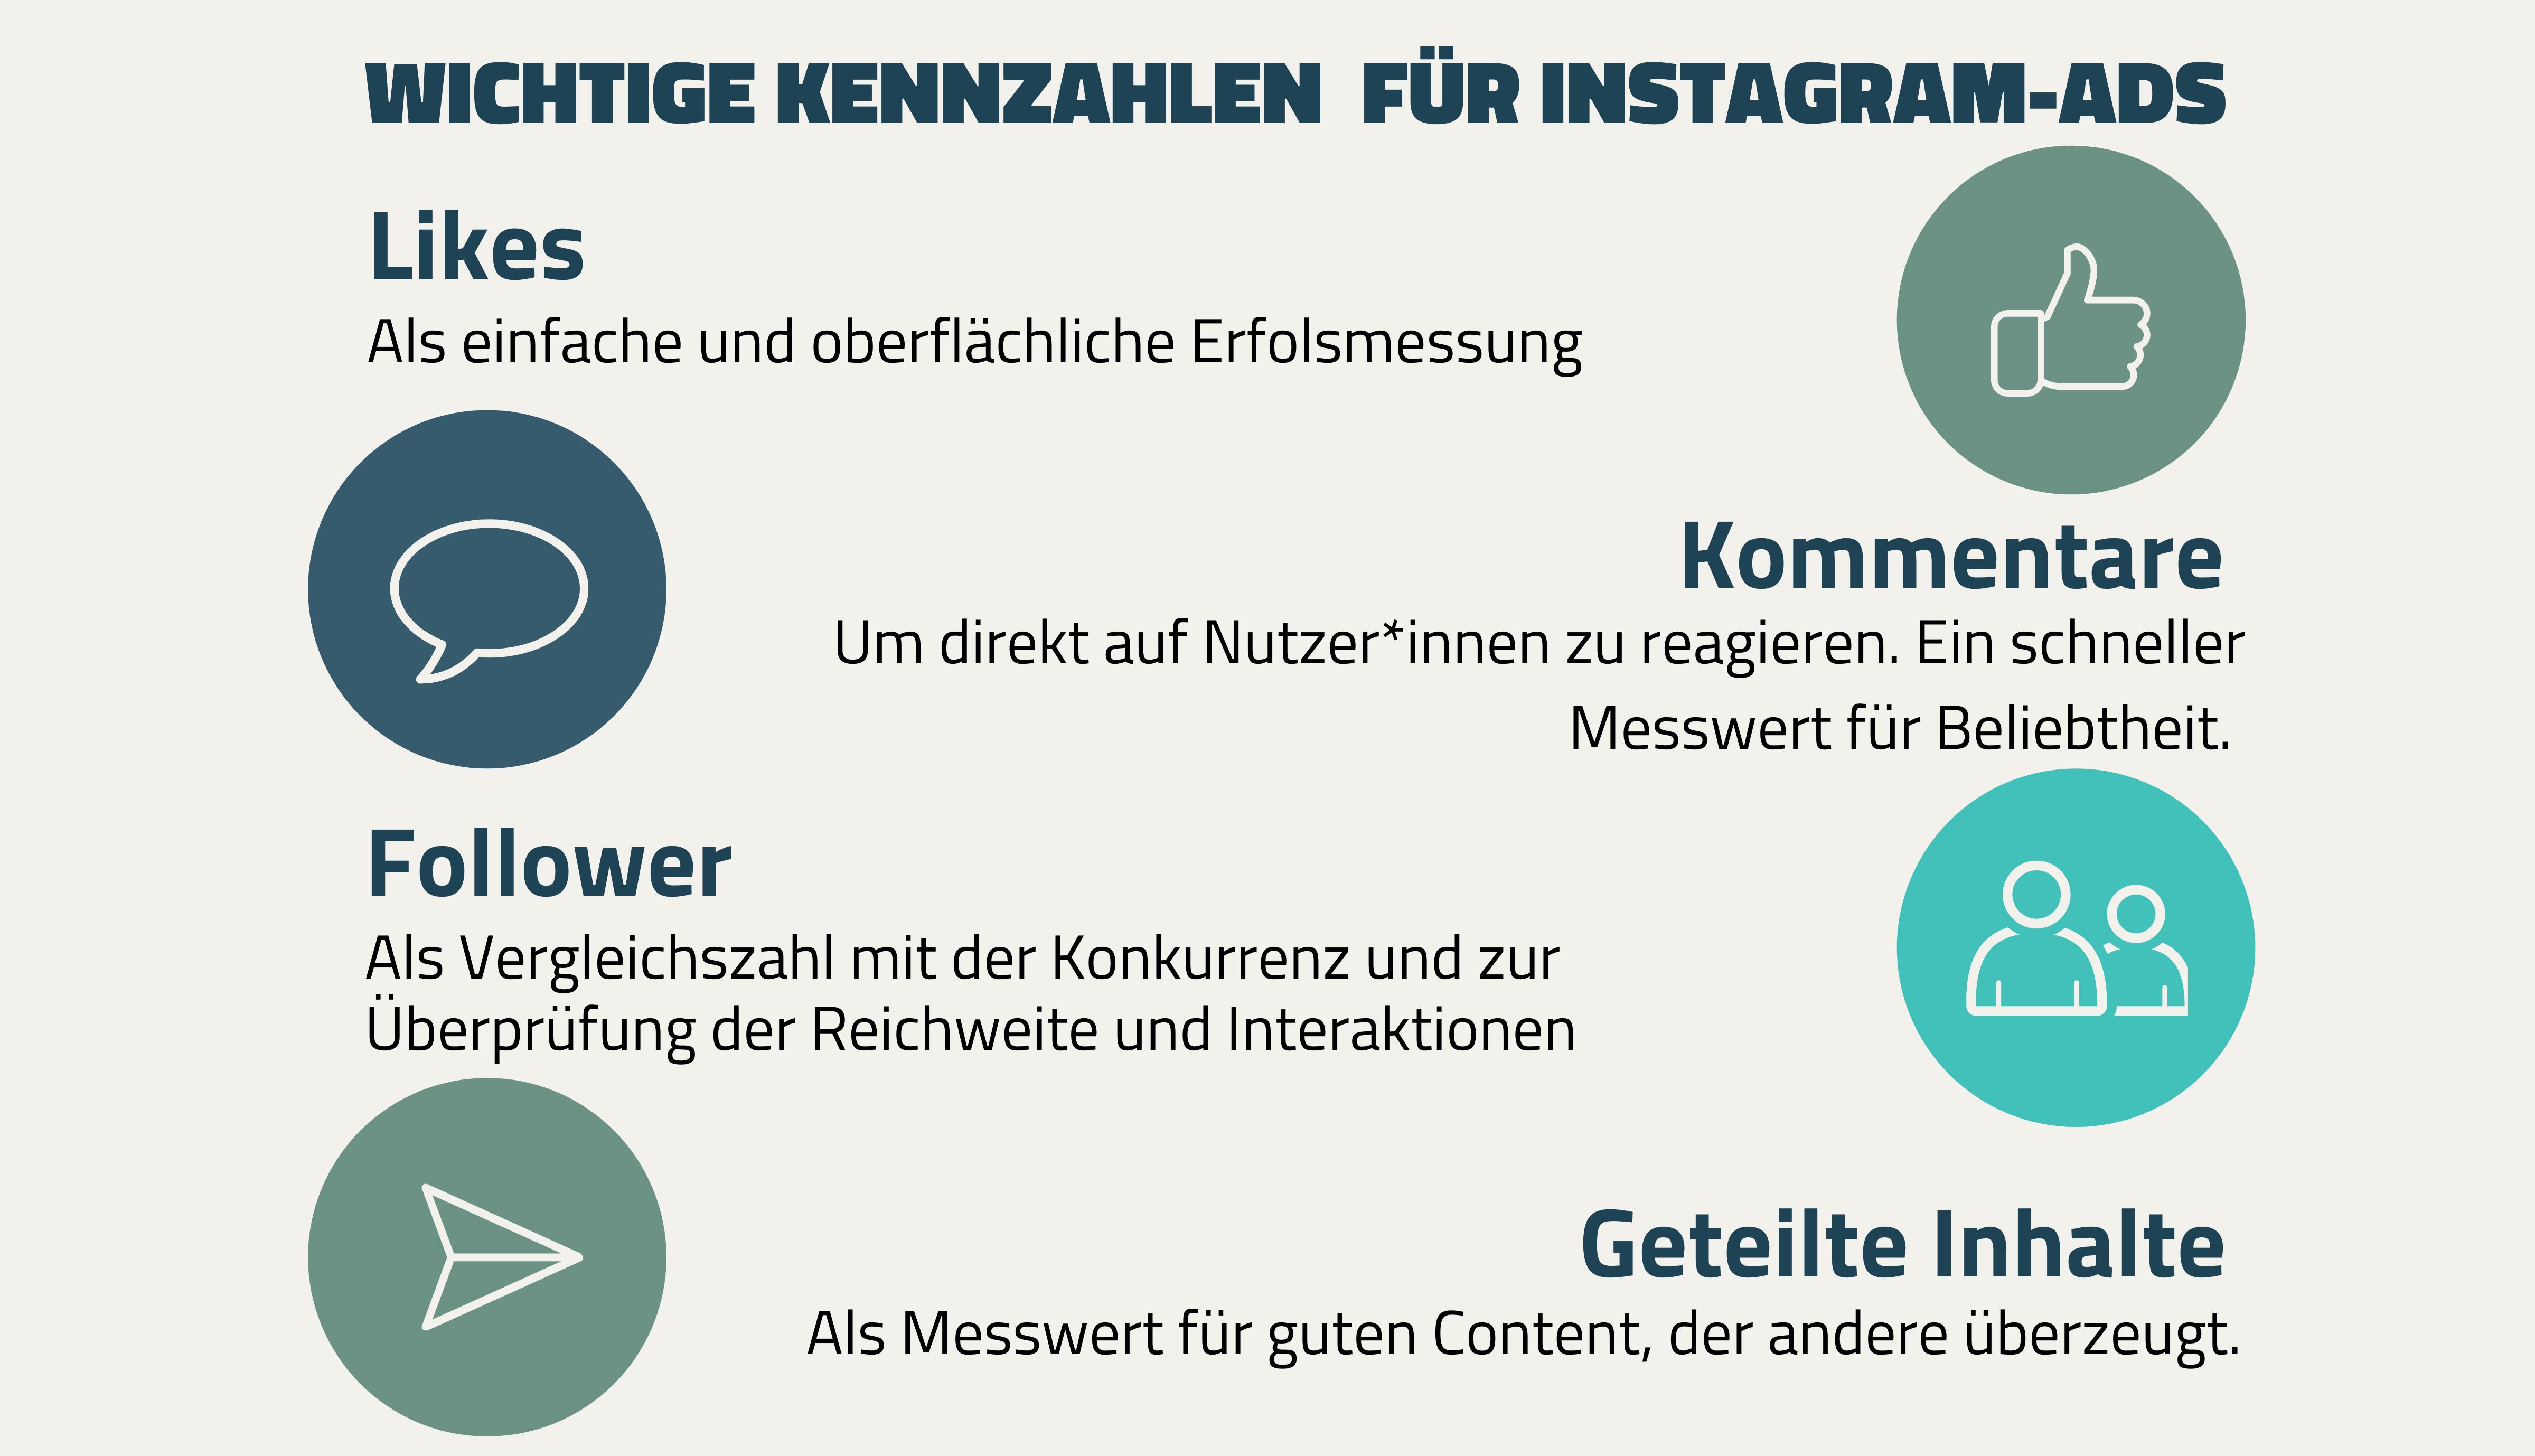 Wichtige Kennzahlen für Instagram. Likes, Follower, Kommentare und Geteilte Inhalte